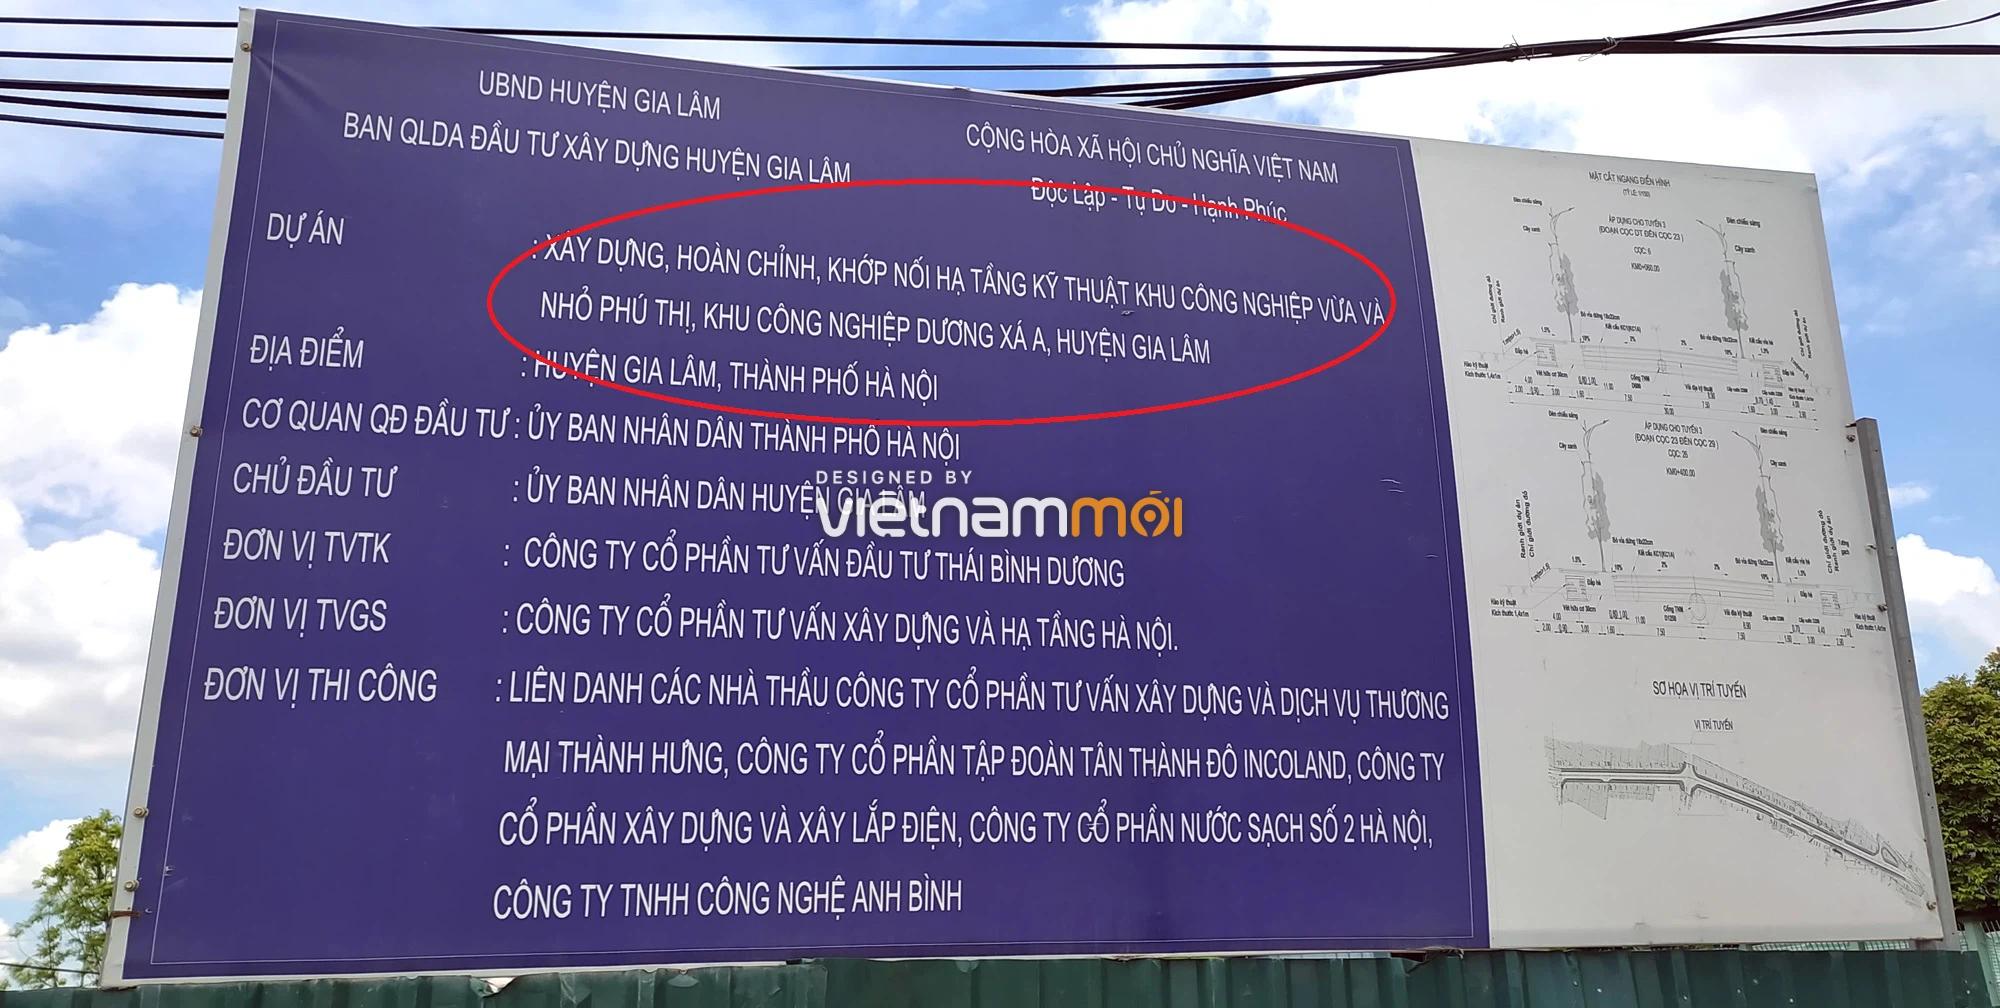 Toàn cảnh tuyến đường từ KĐT Đặng Xá đến Ỷ Lan đang mở theo quy hoạch ở Hà Nội - Ảnh 12.